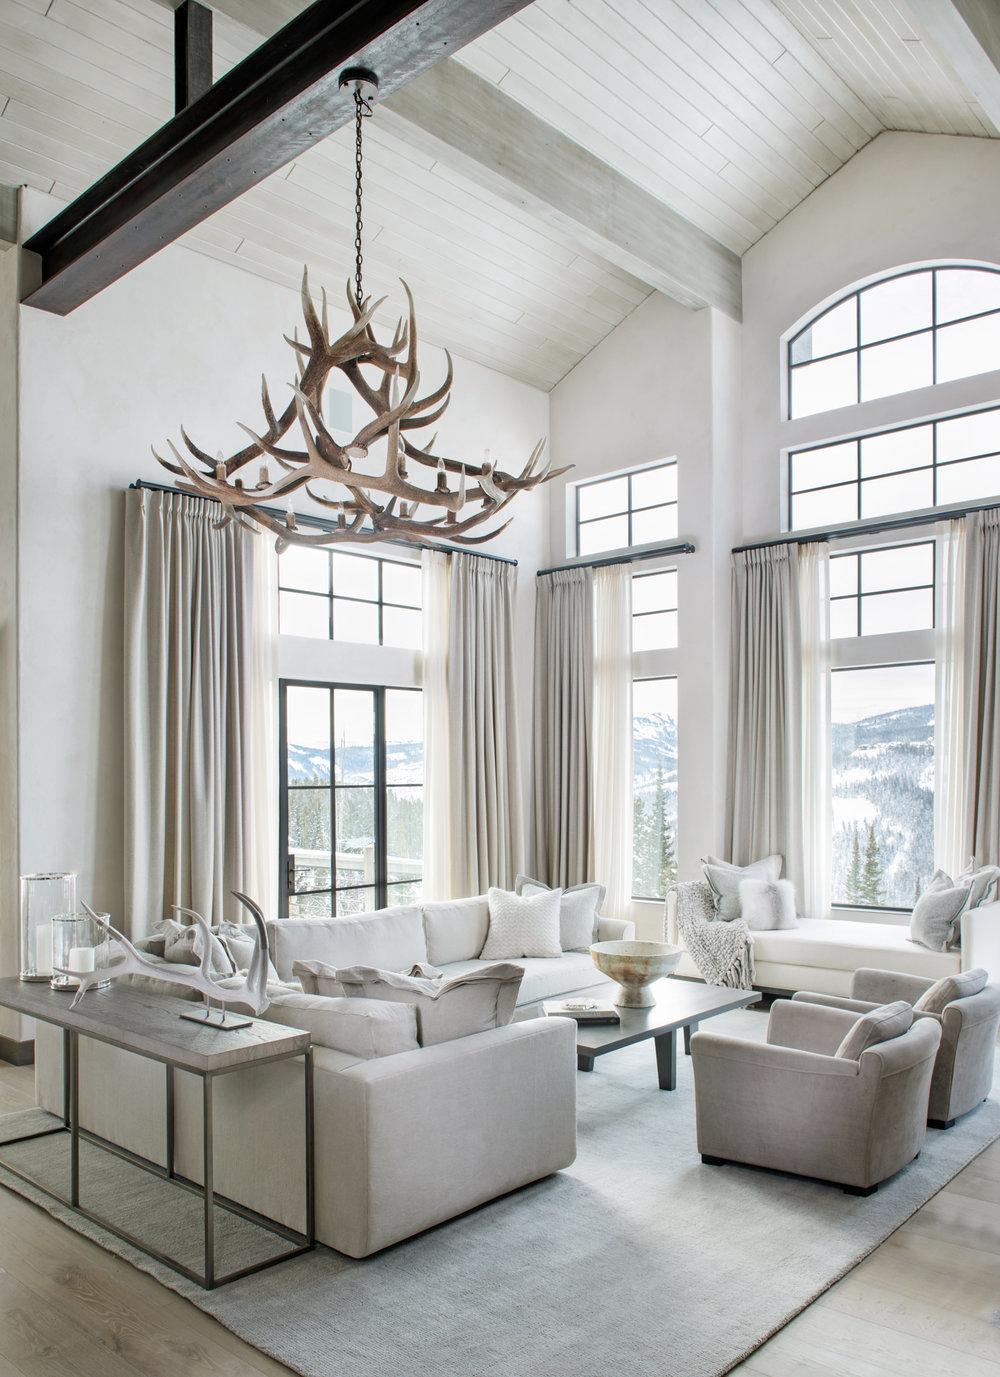 Interior Design -  Urbaine Home    Builder -  Highline Partners